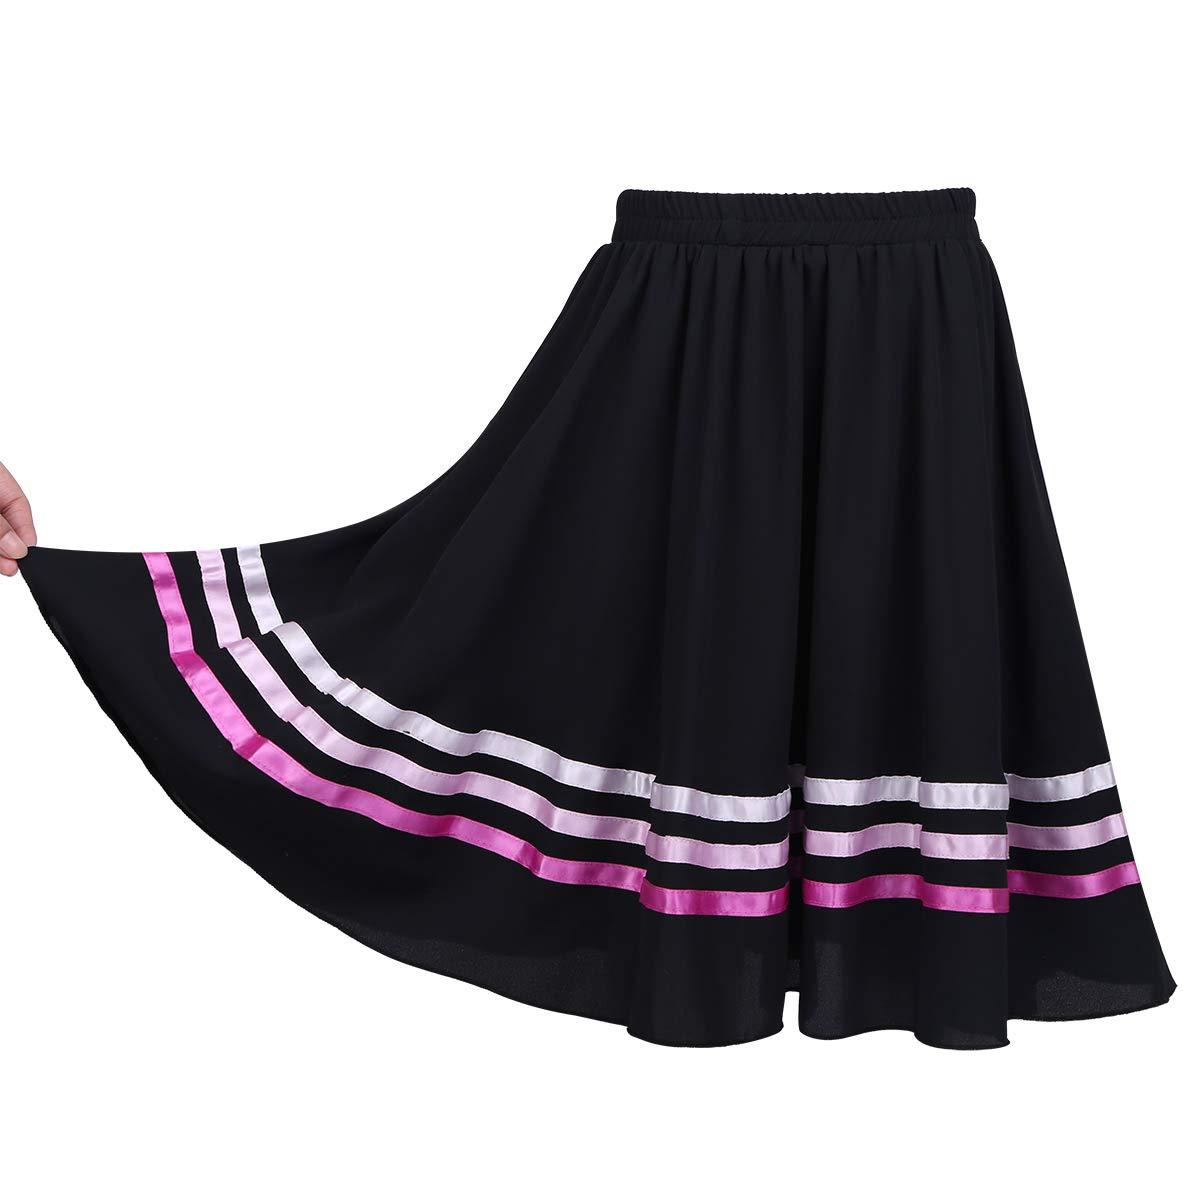 CHICTRY Full Length Flowy Praise Dance Circle Skirt for Kids Big Girls